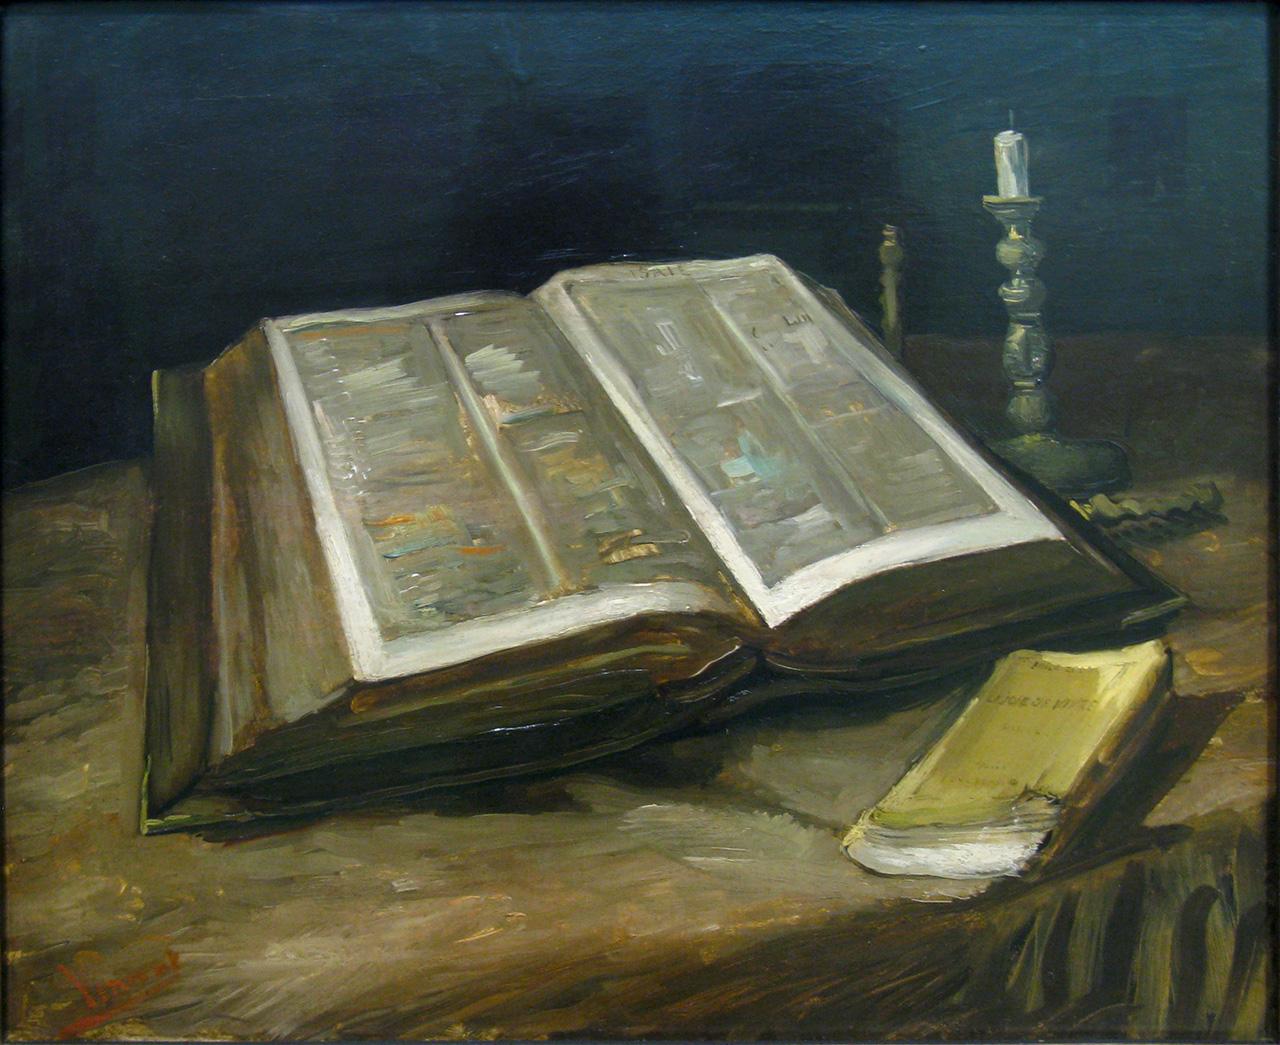 [Image: WLANL_-_artanonymous_-_Stilleven_met_bijbel.jpg]